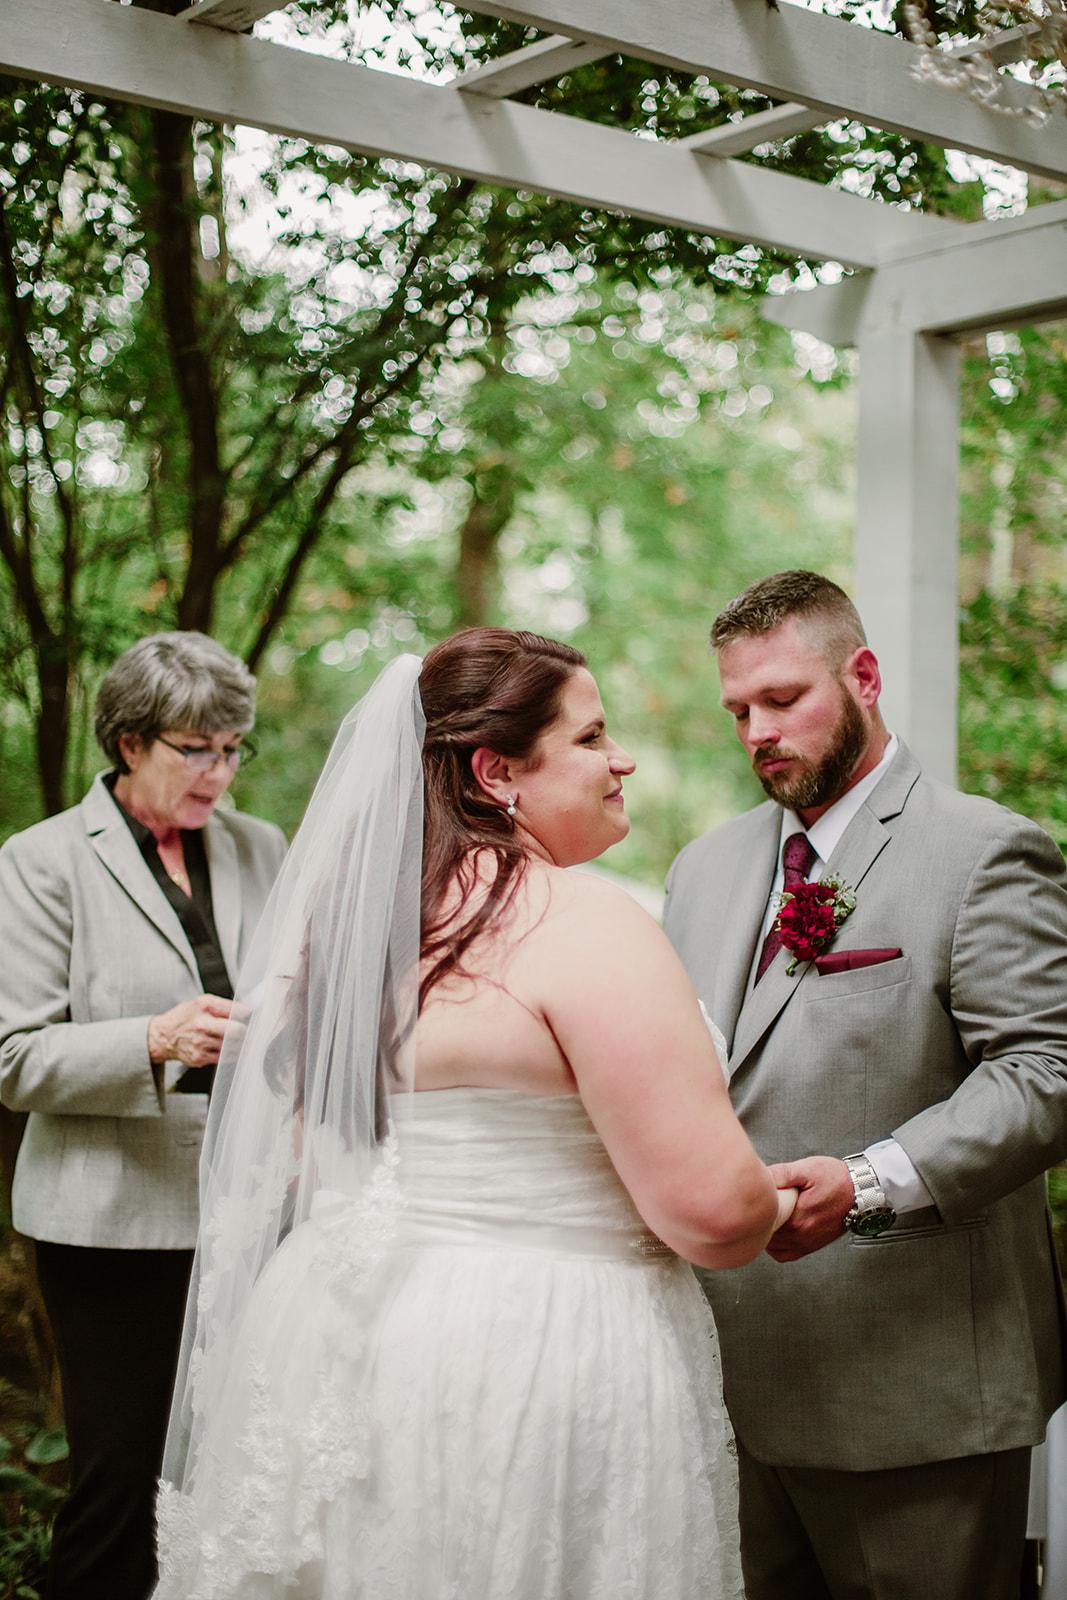 SarahMattozziPhotography-NicoleChris-GlenGardens-Ceremony-10.jpg